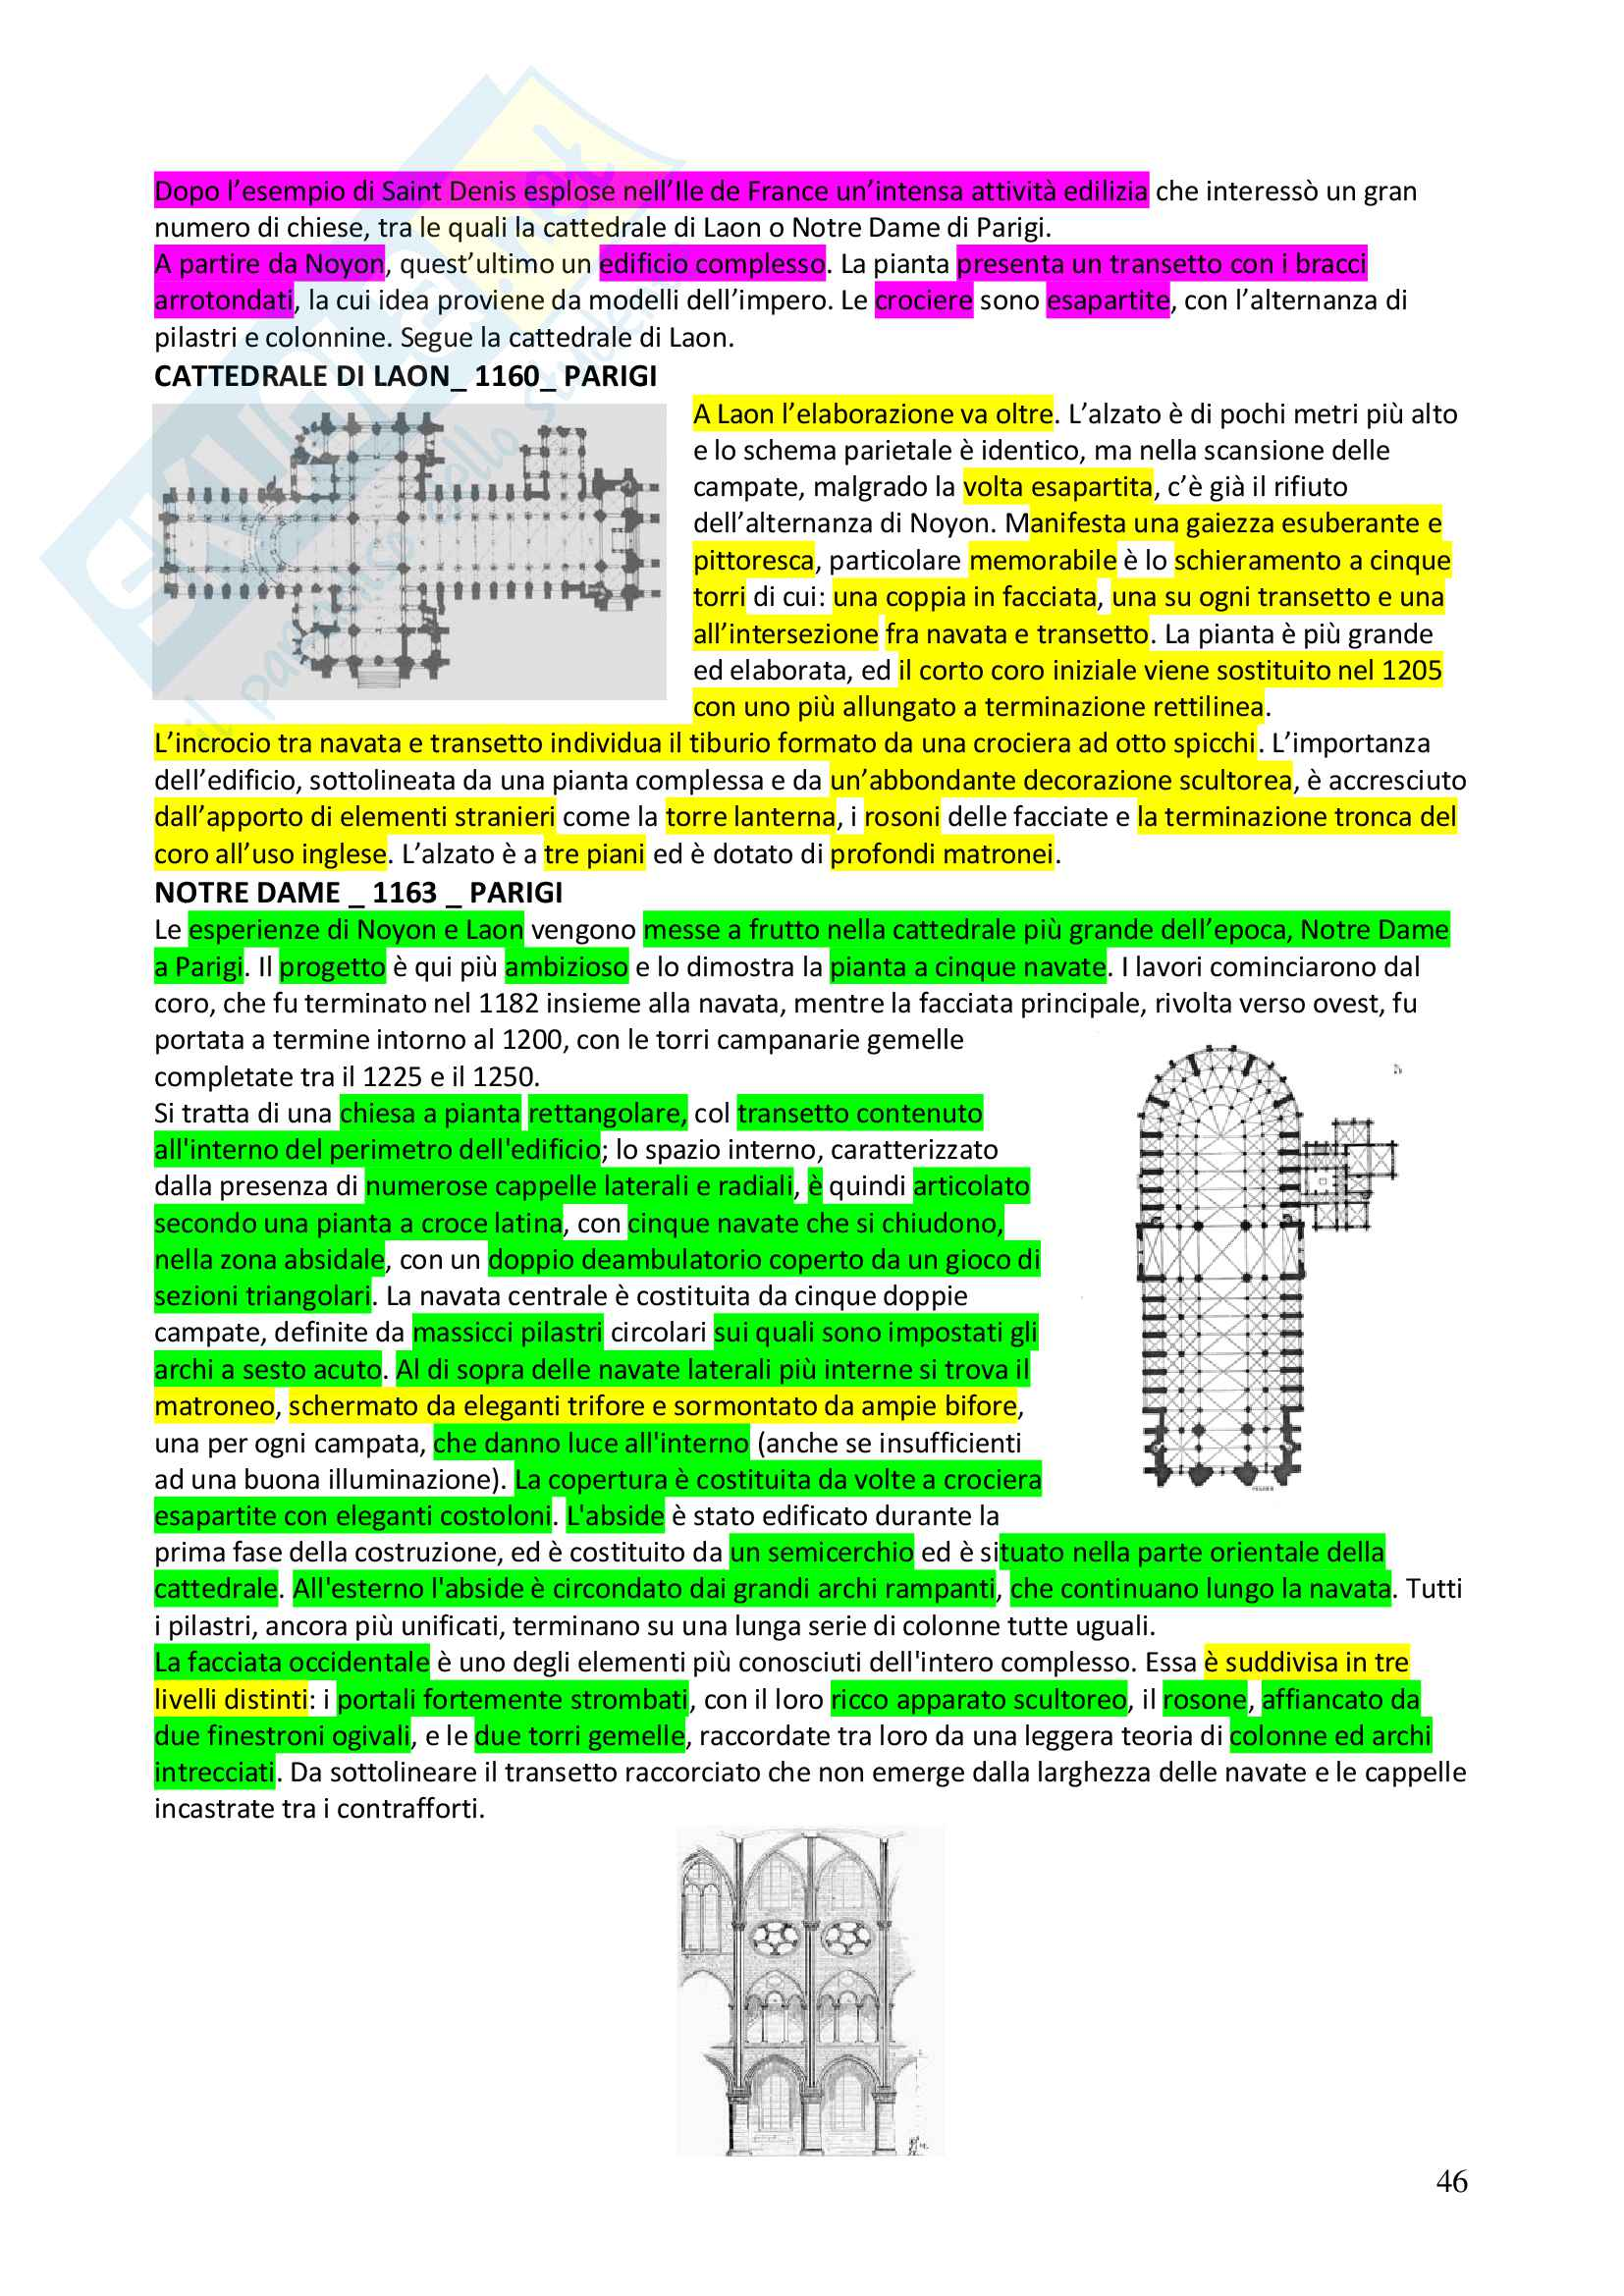 Appunti completi Storia dell'architettura 1+ Immagini Pag. 46